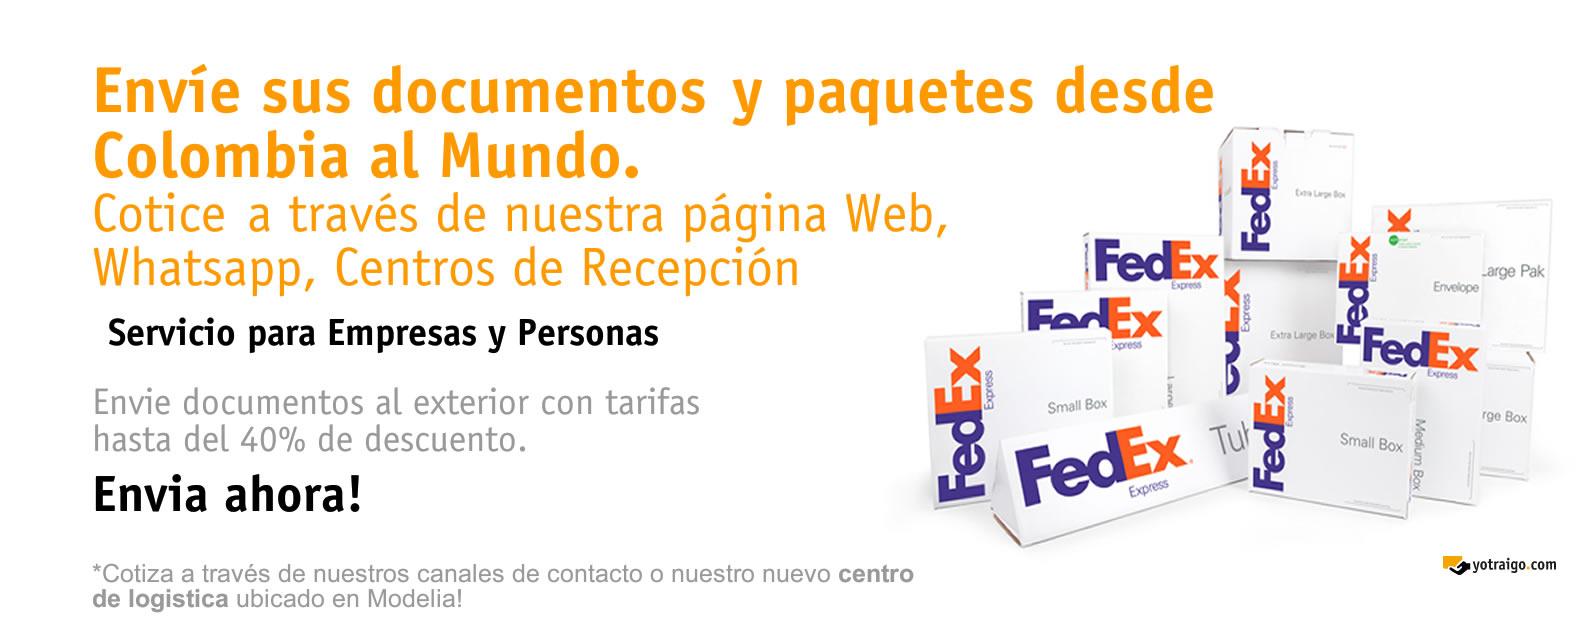 FEDEX-Envios-desde-Colombia-yotraigo